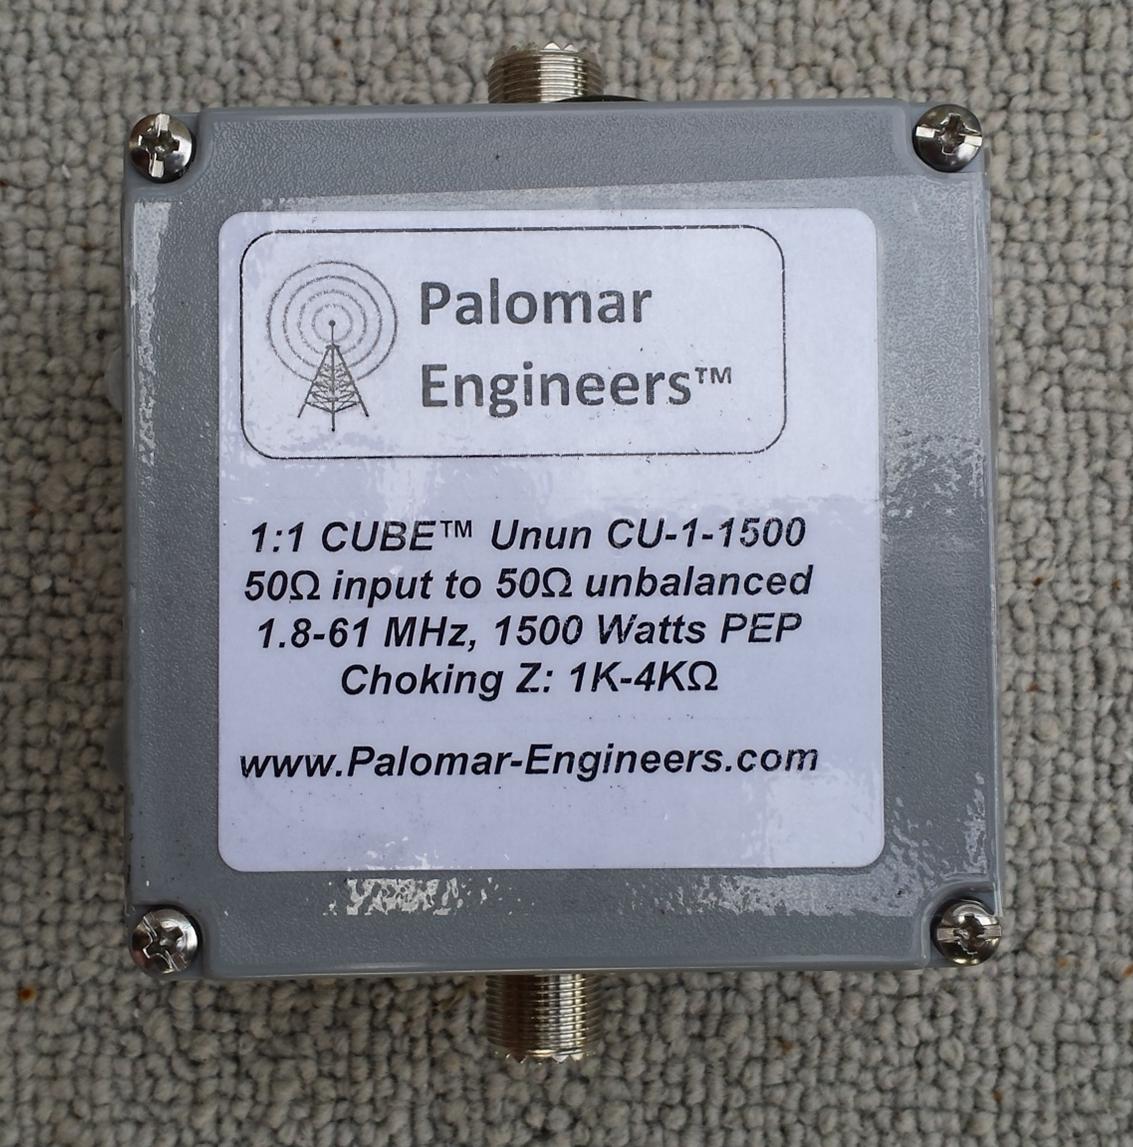 CUBE Feed Line Choke/Line Isolator Unun, 1 5KW, 1 8-61 MHz, 4K Ohms